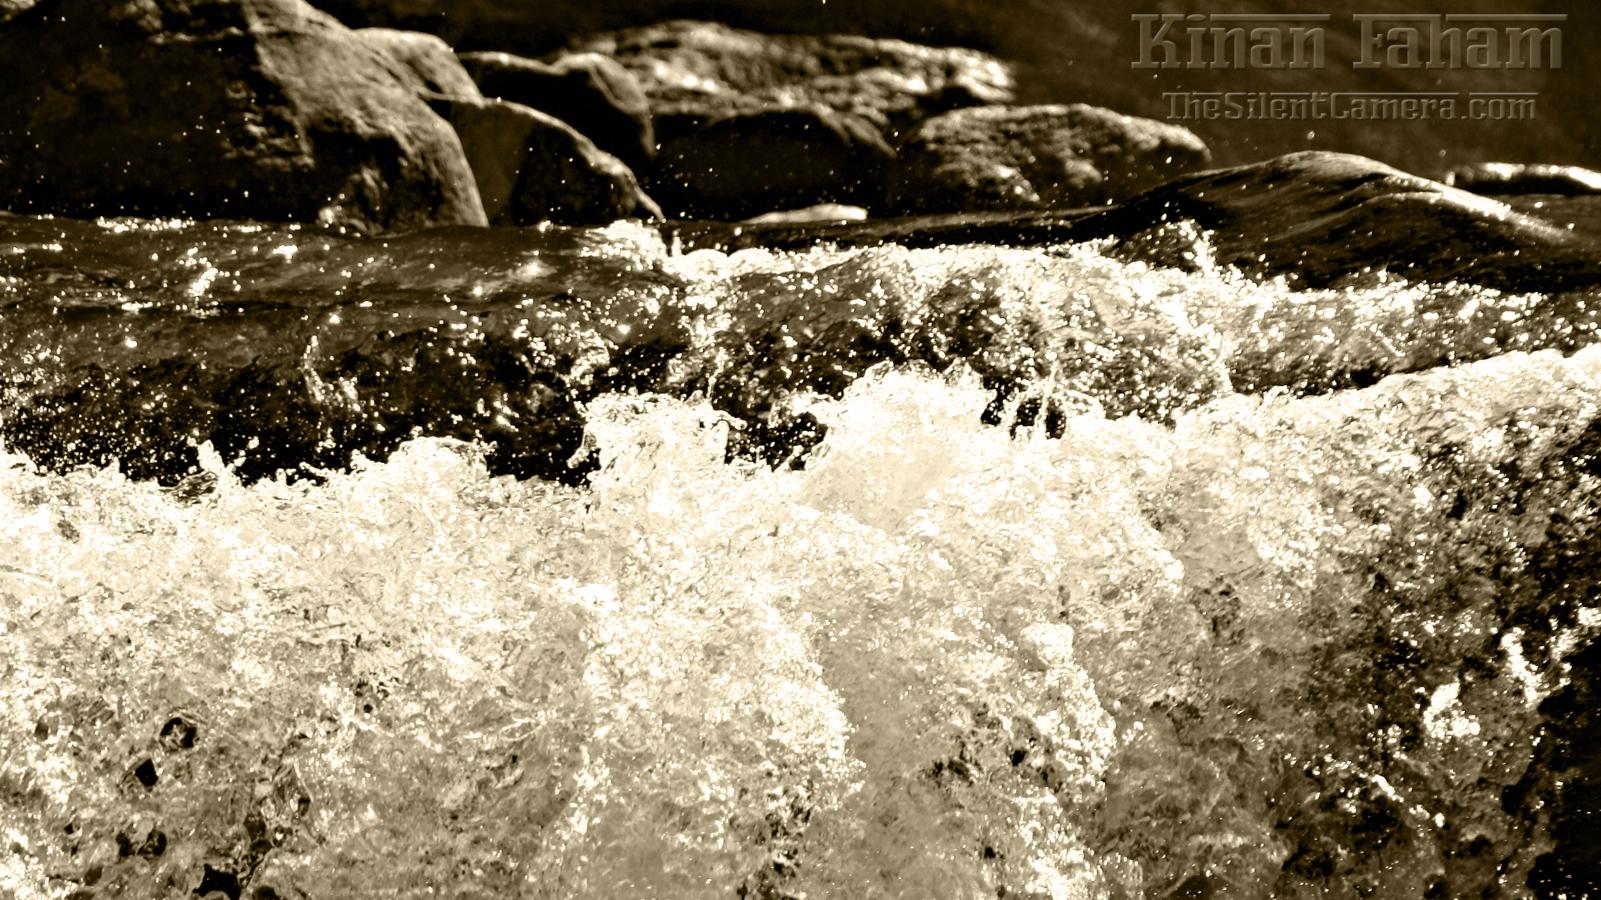 Kent Falls closeup